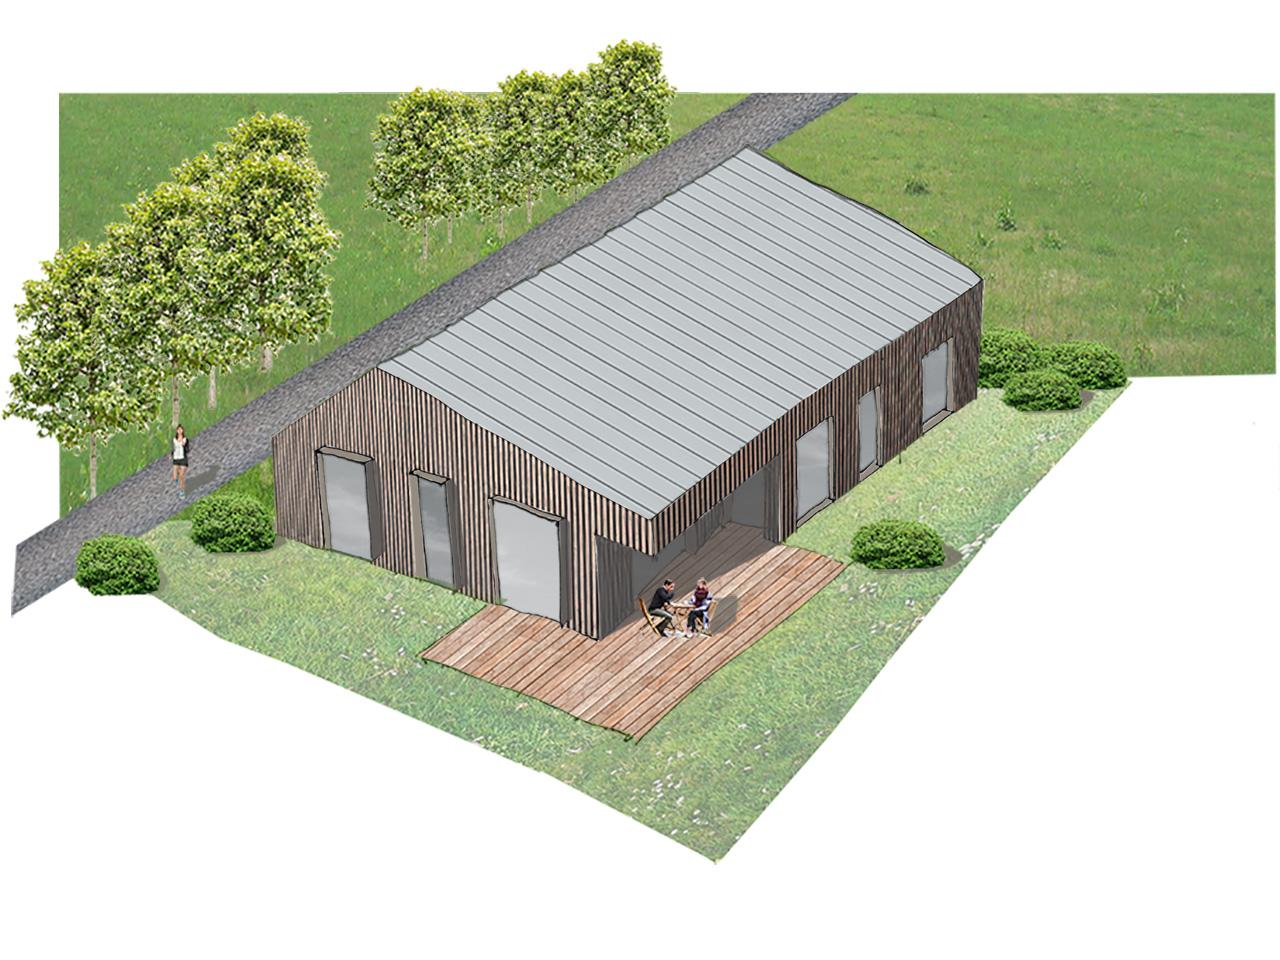 EFH Chemnitz – Entwurf eines Einfamilienhauses in Holzbauweise